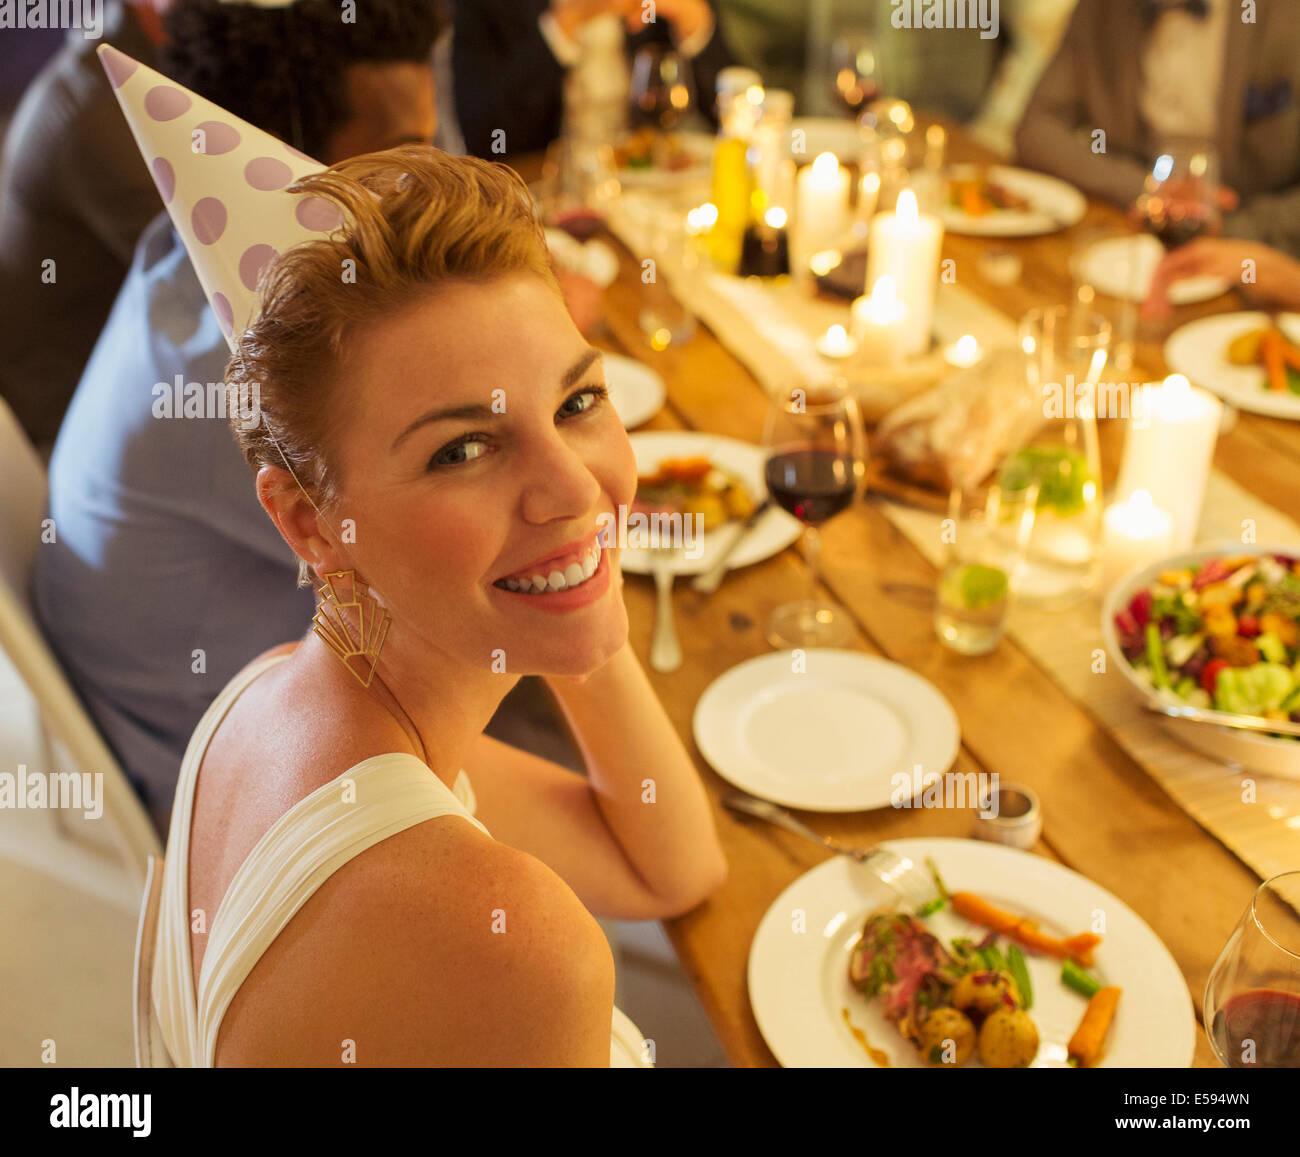 Mujer sonriente en la fiesta de cumpleaños Imagen De Stock